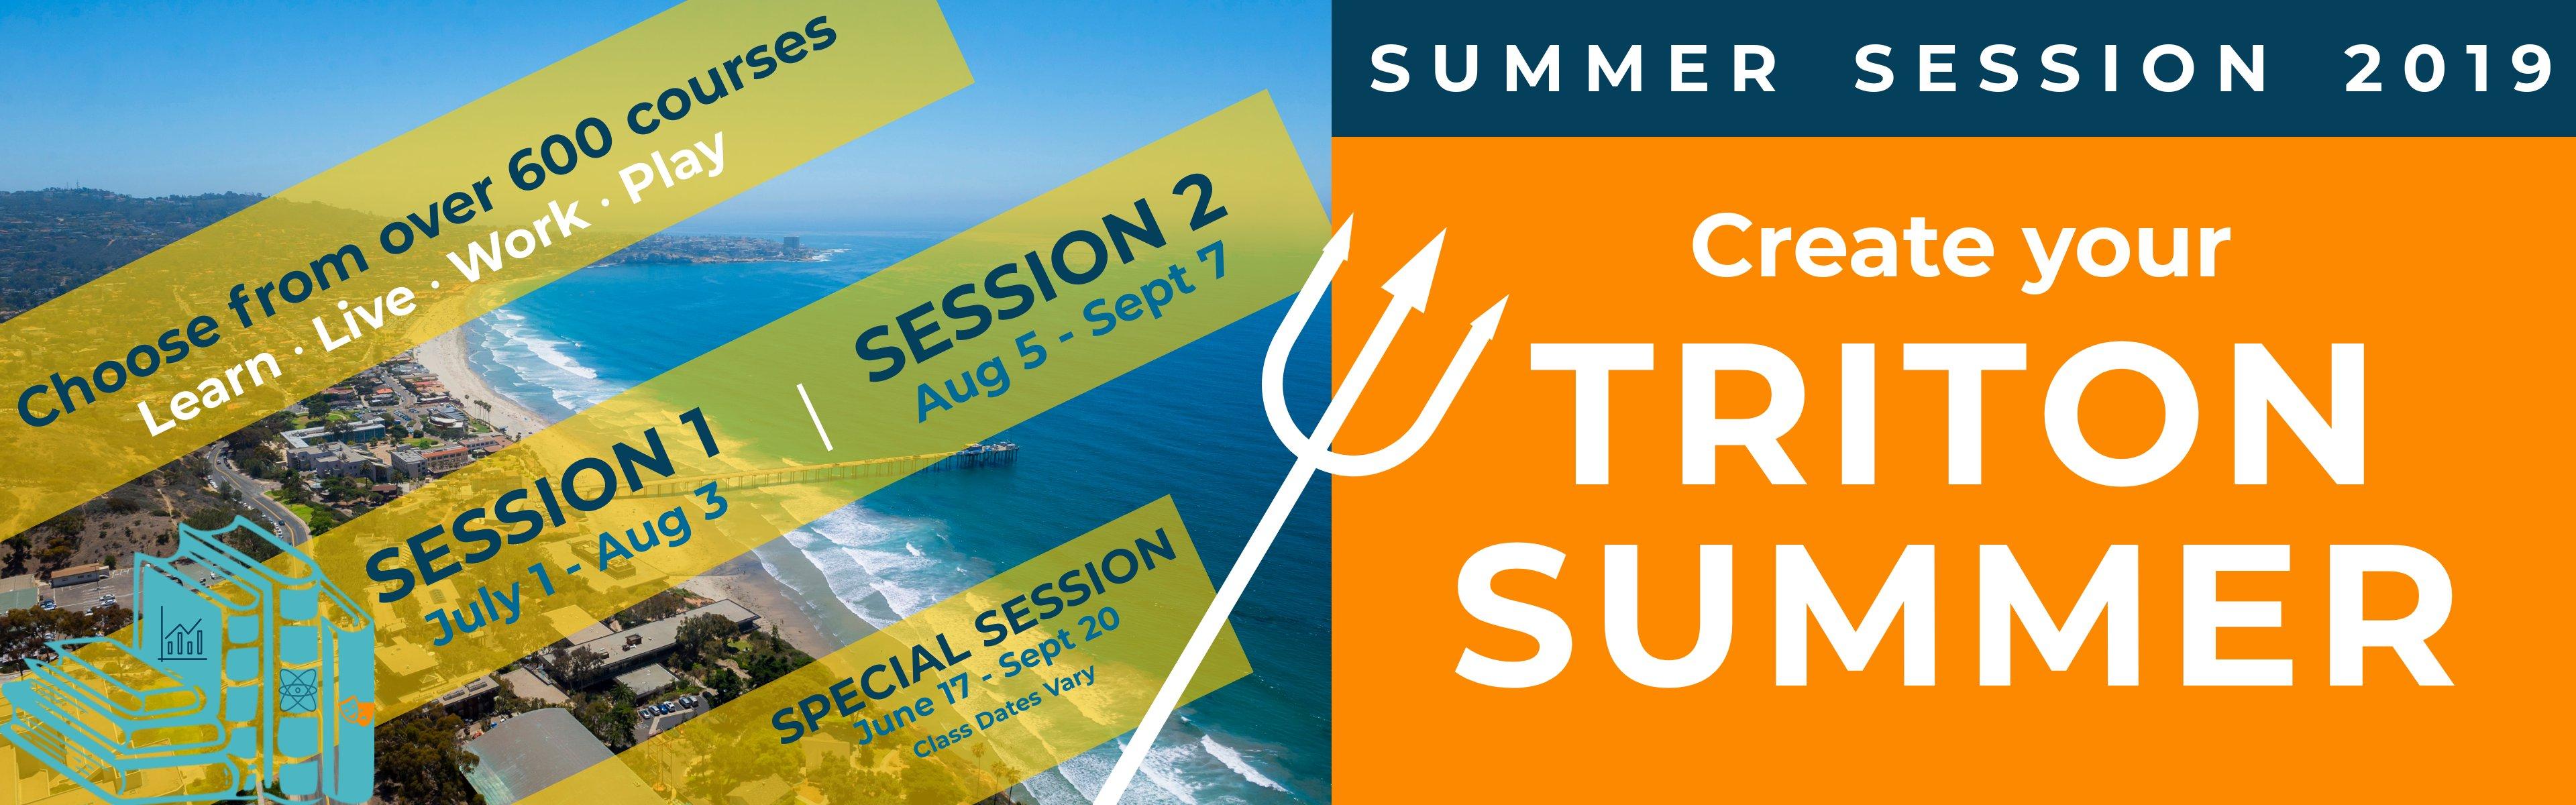 Uc San Diego Summer Session Calendar 2019 Ucsd